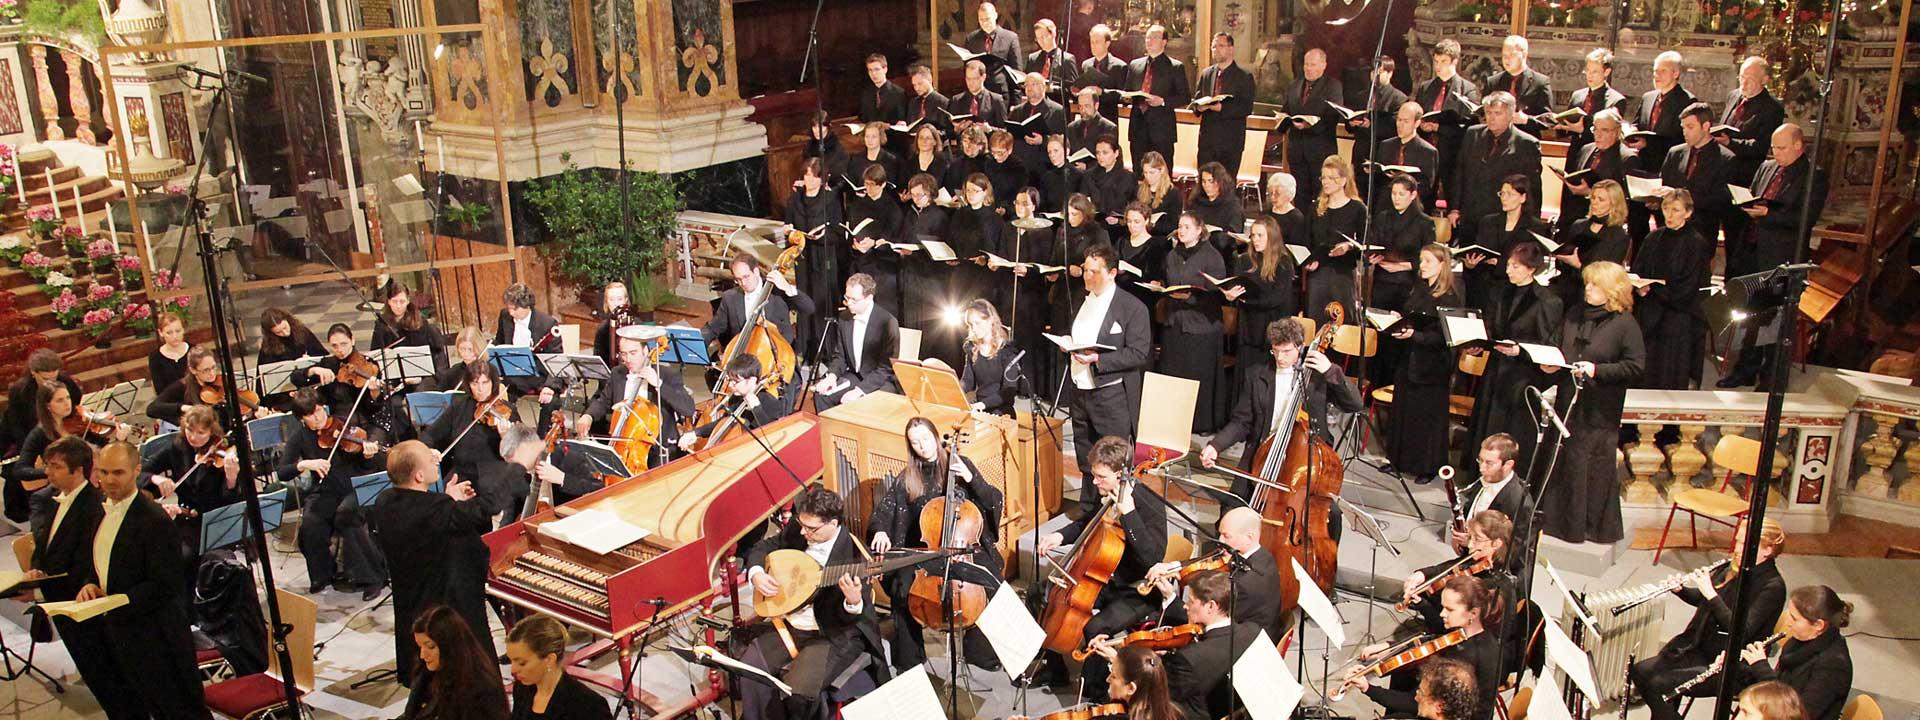 Münchener Bach-Chor und Bach-Orchester in Brixen